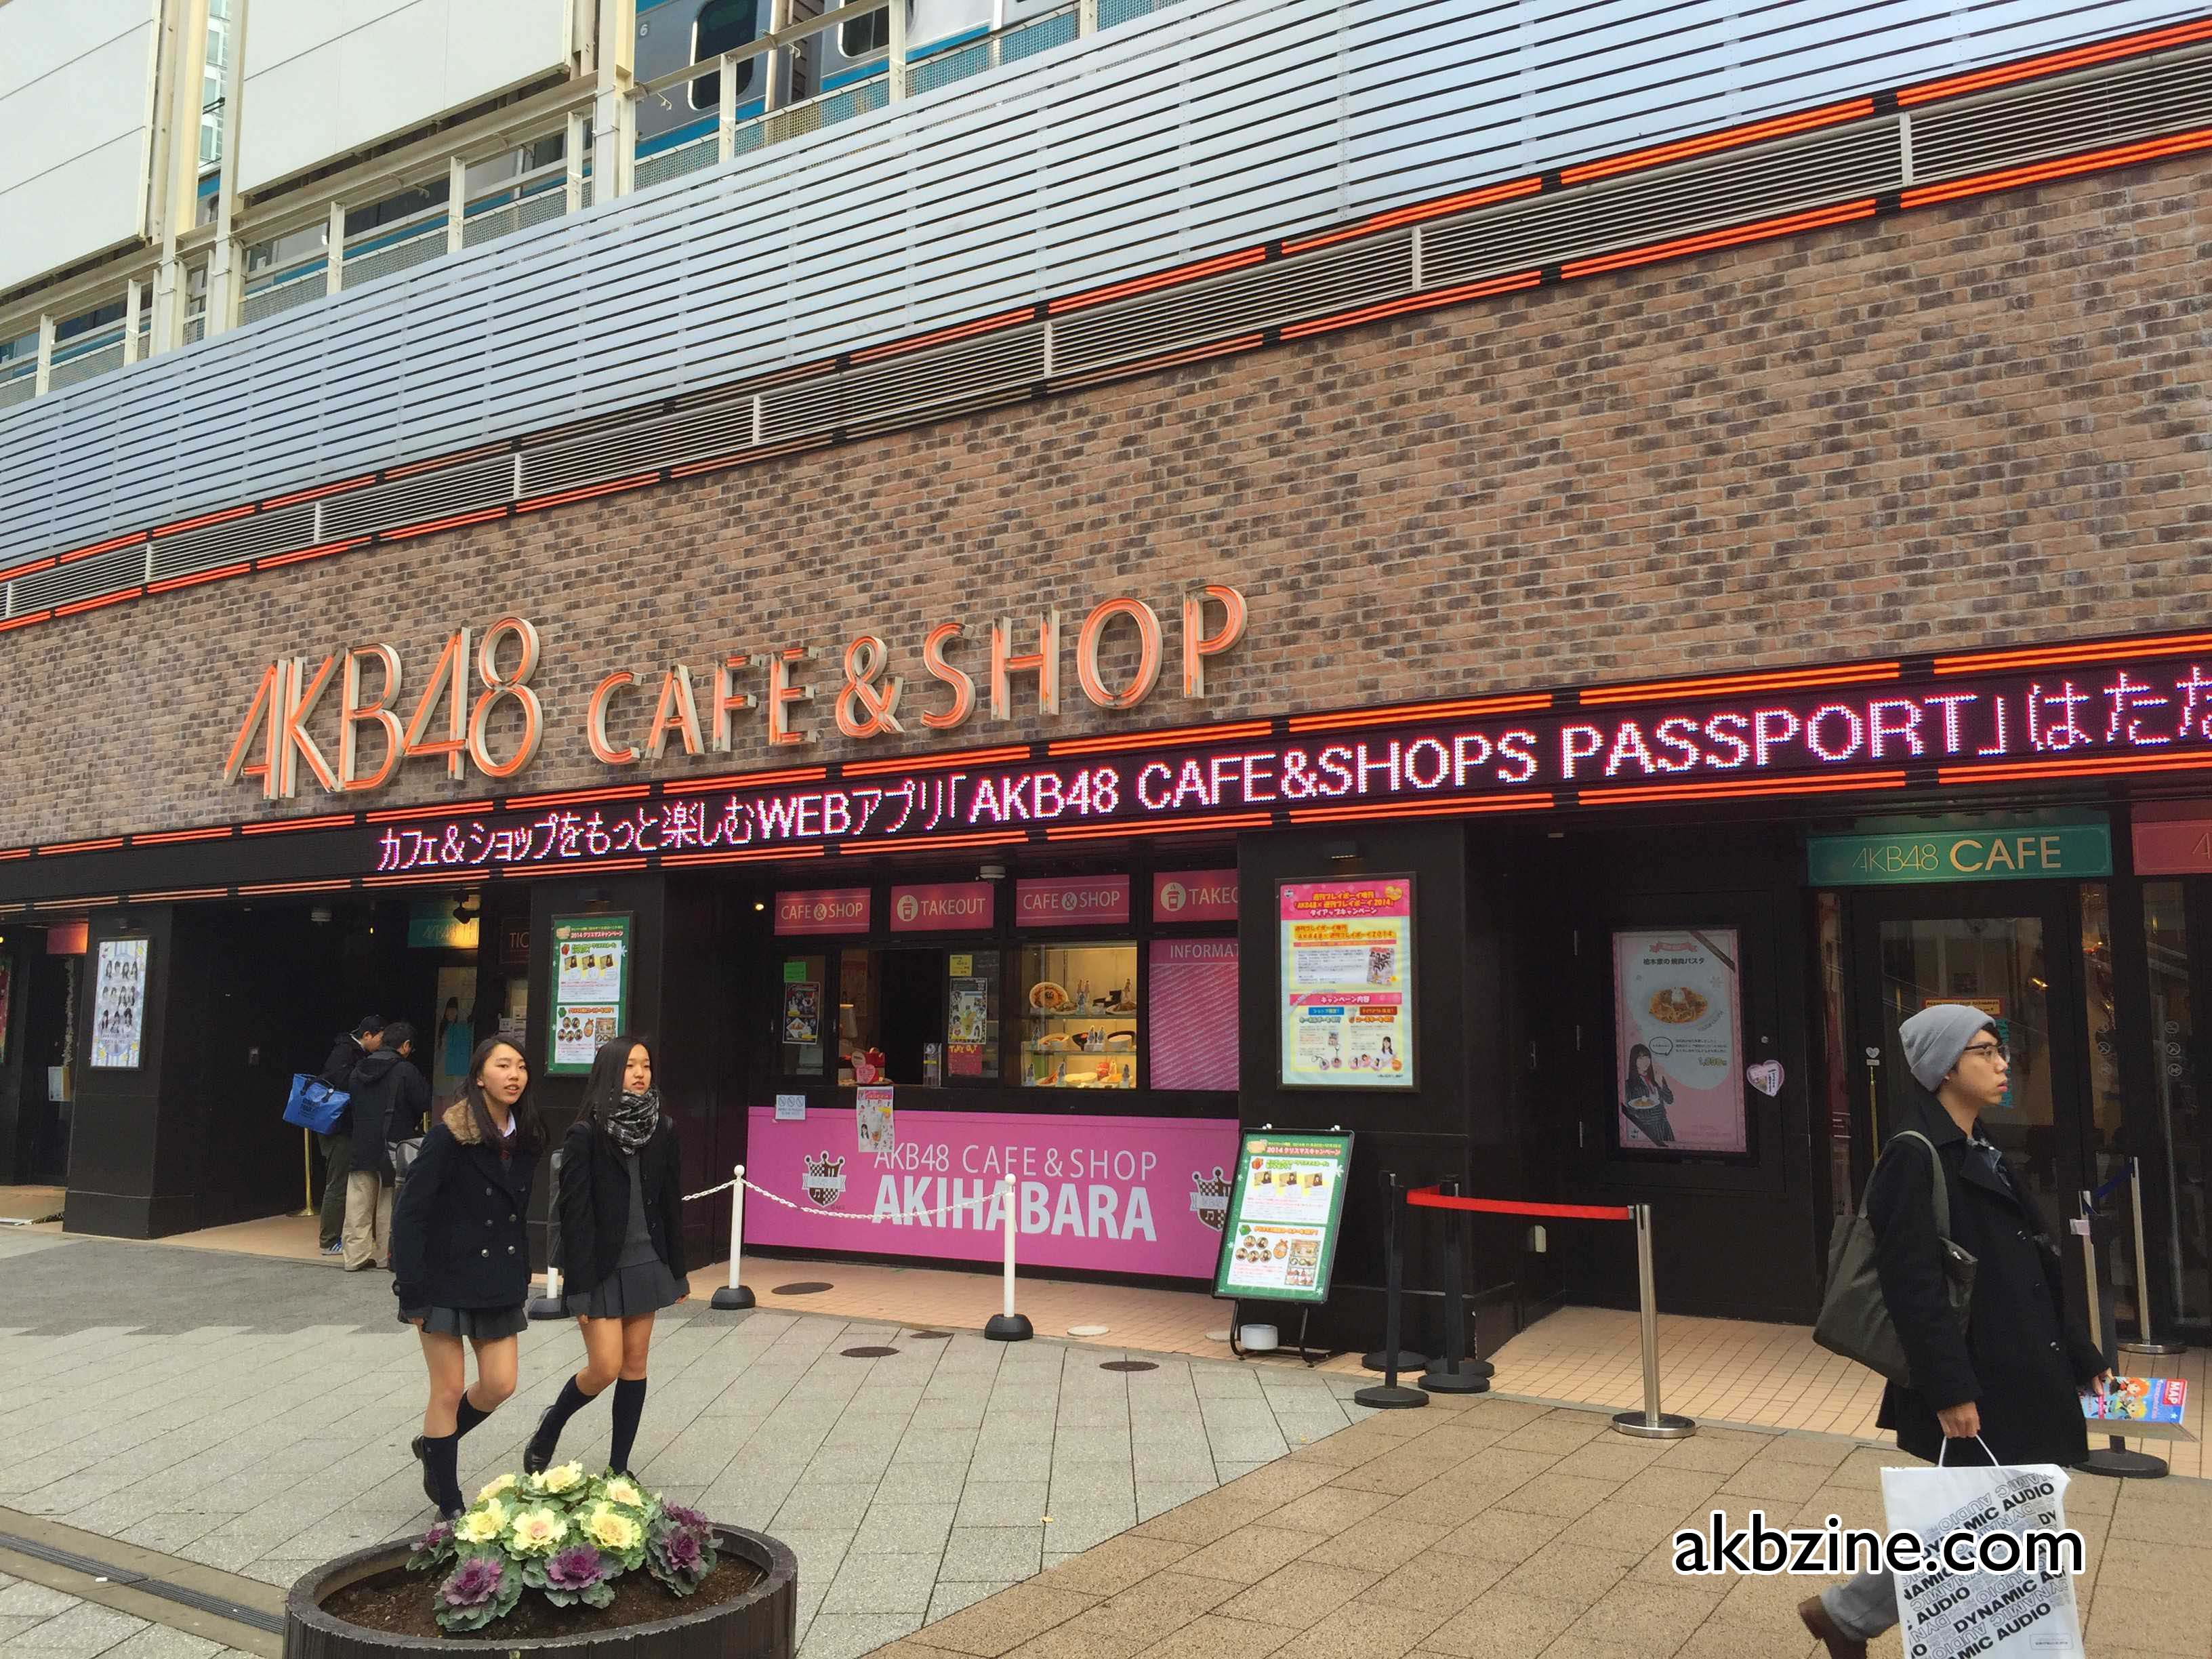 AKB48 Cafe & Shop, Akihabara, Tokyo, Japan